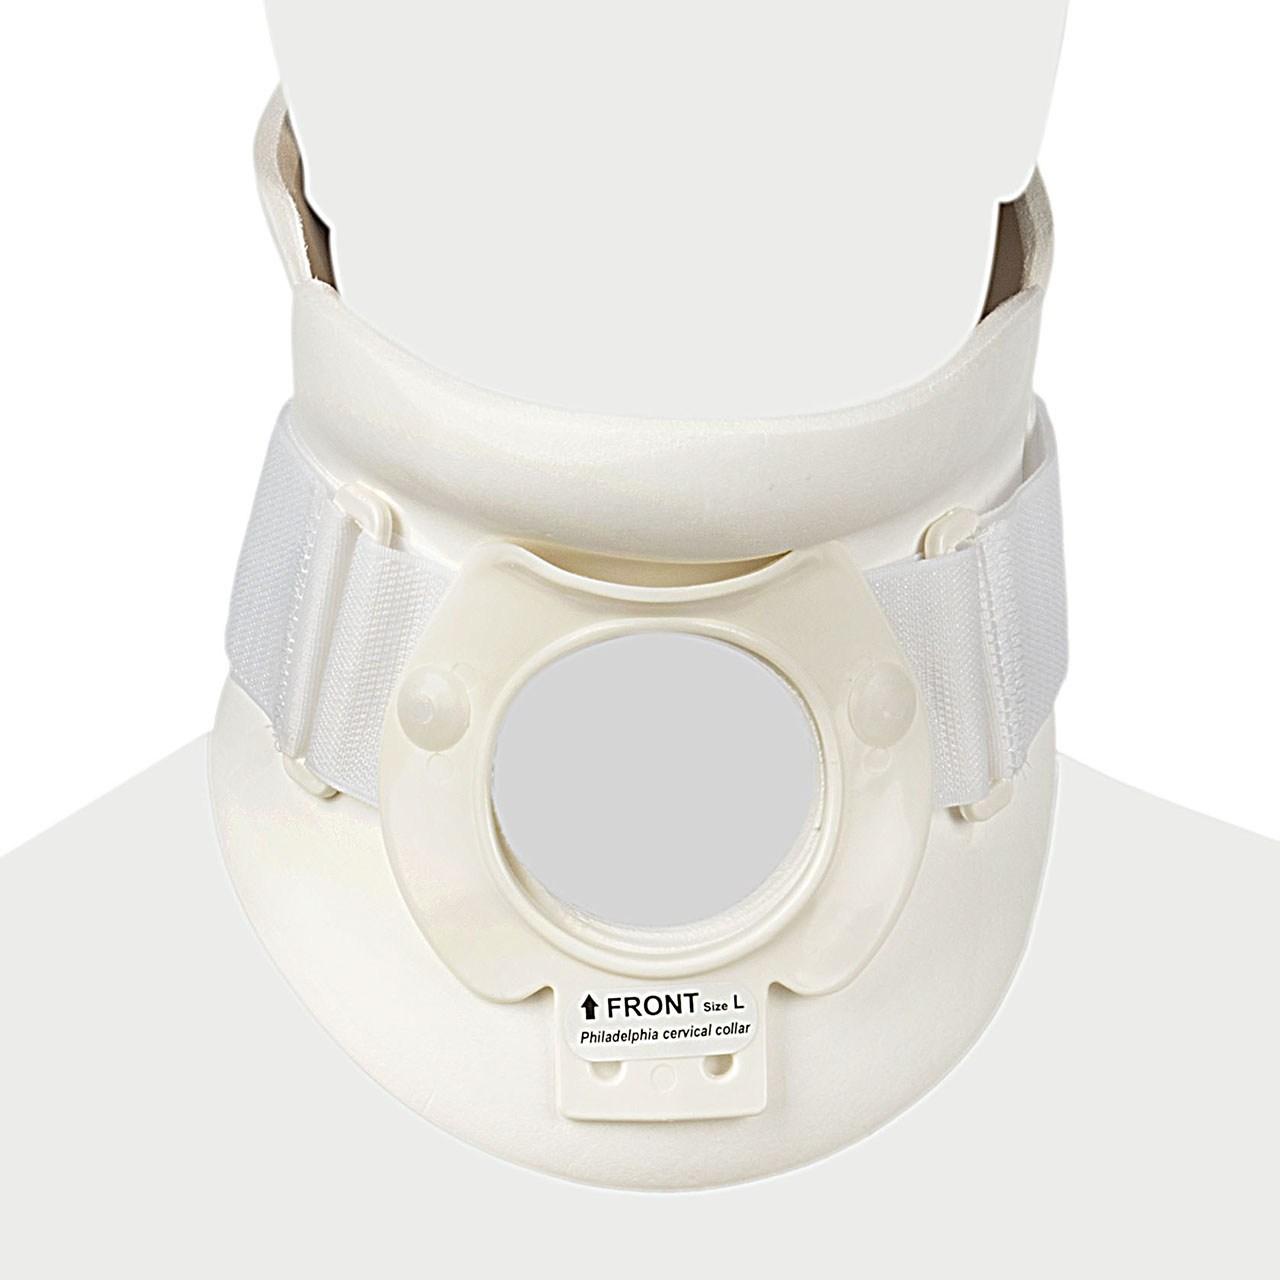 گردن بند طبی پاک سمن مدل Philadelphia With Trachea Opening سایز بسیار بزرگ